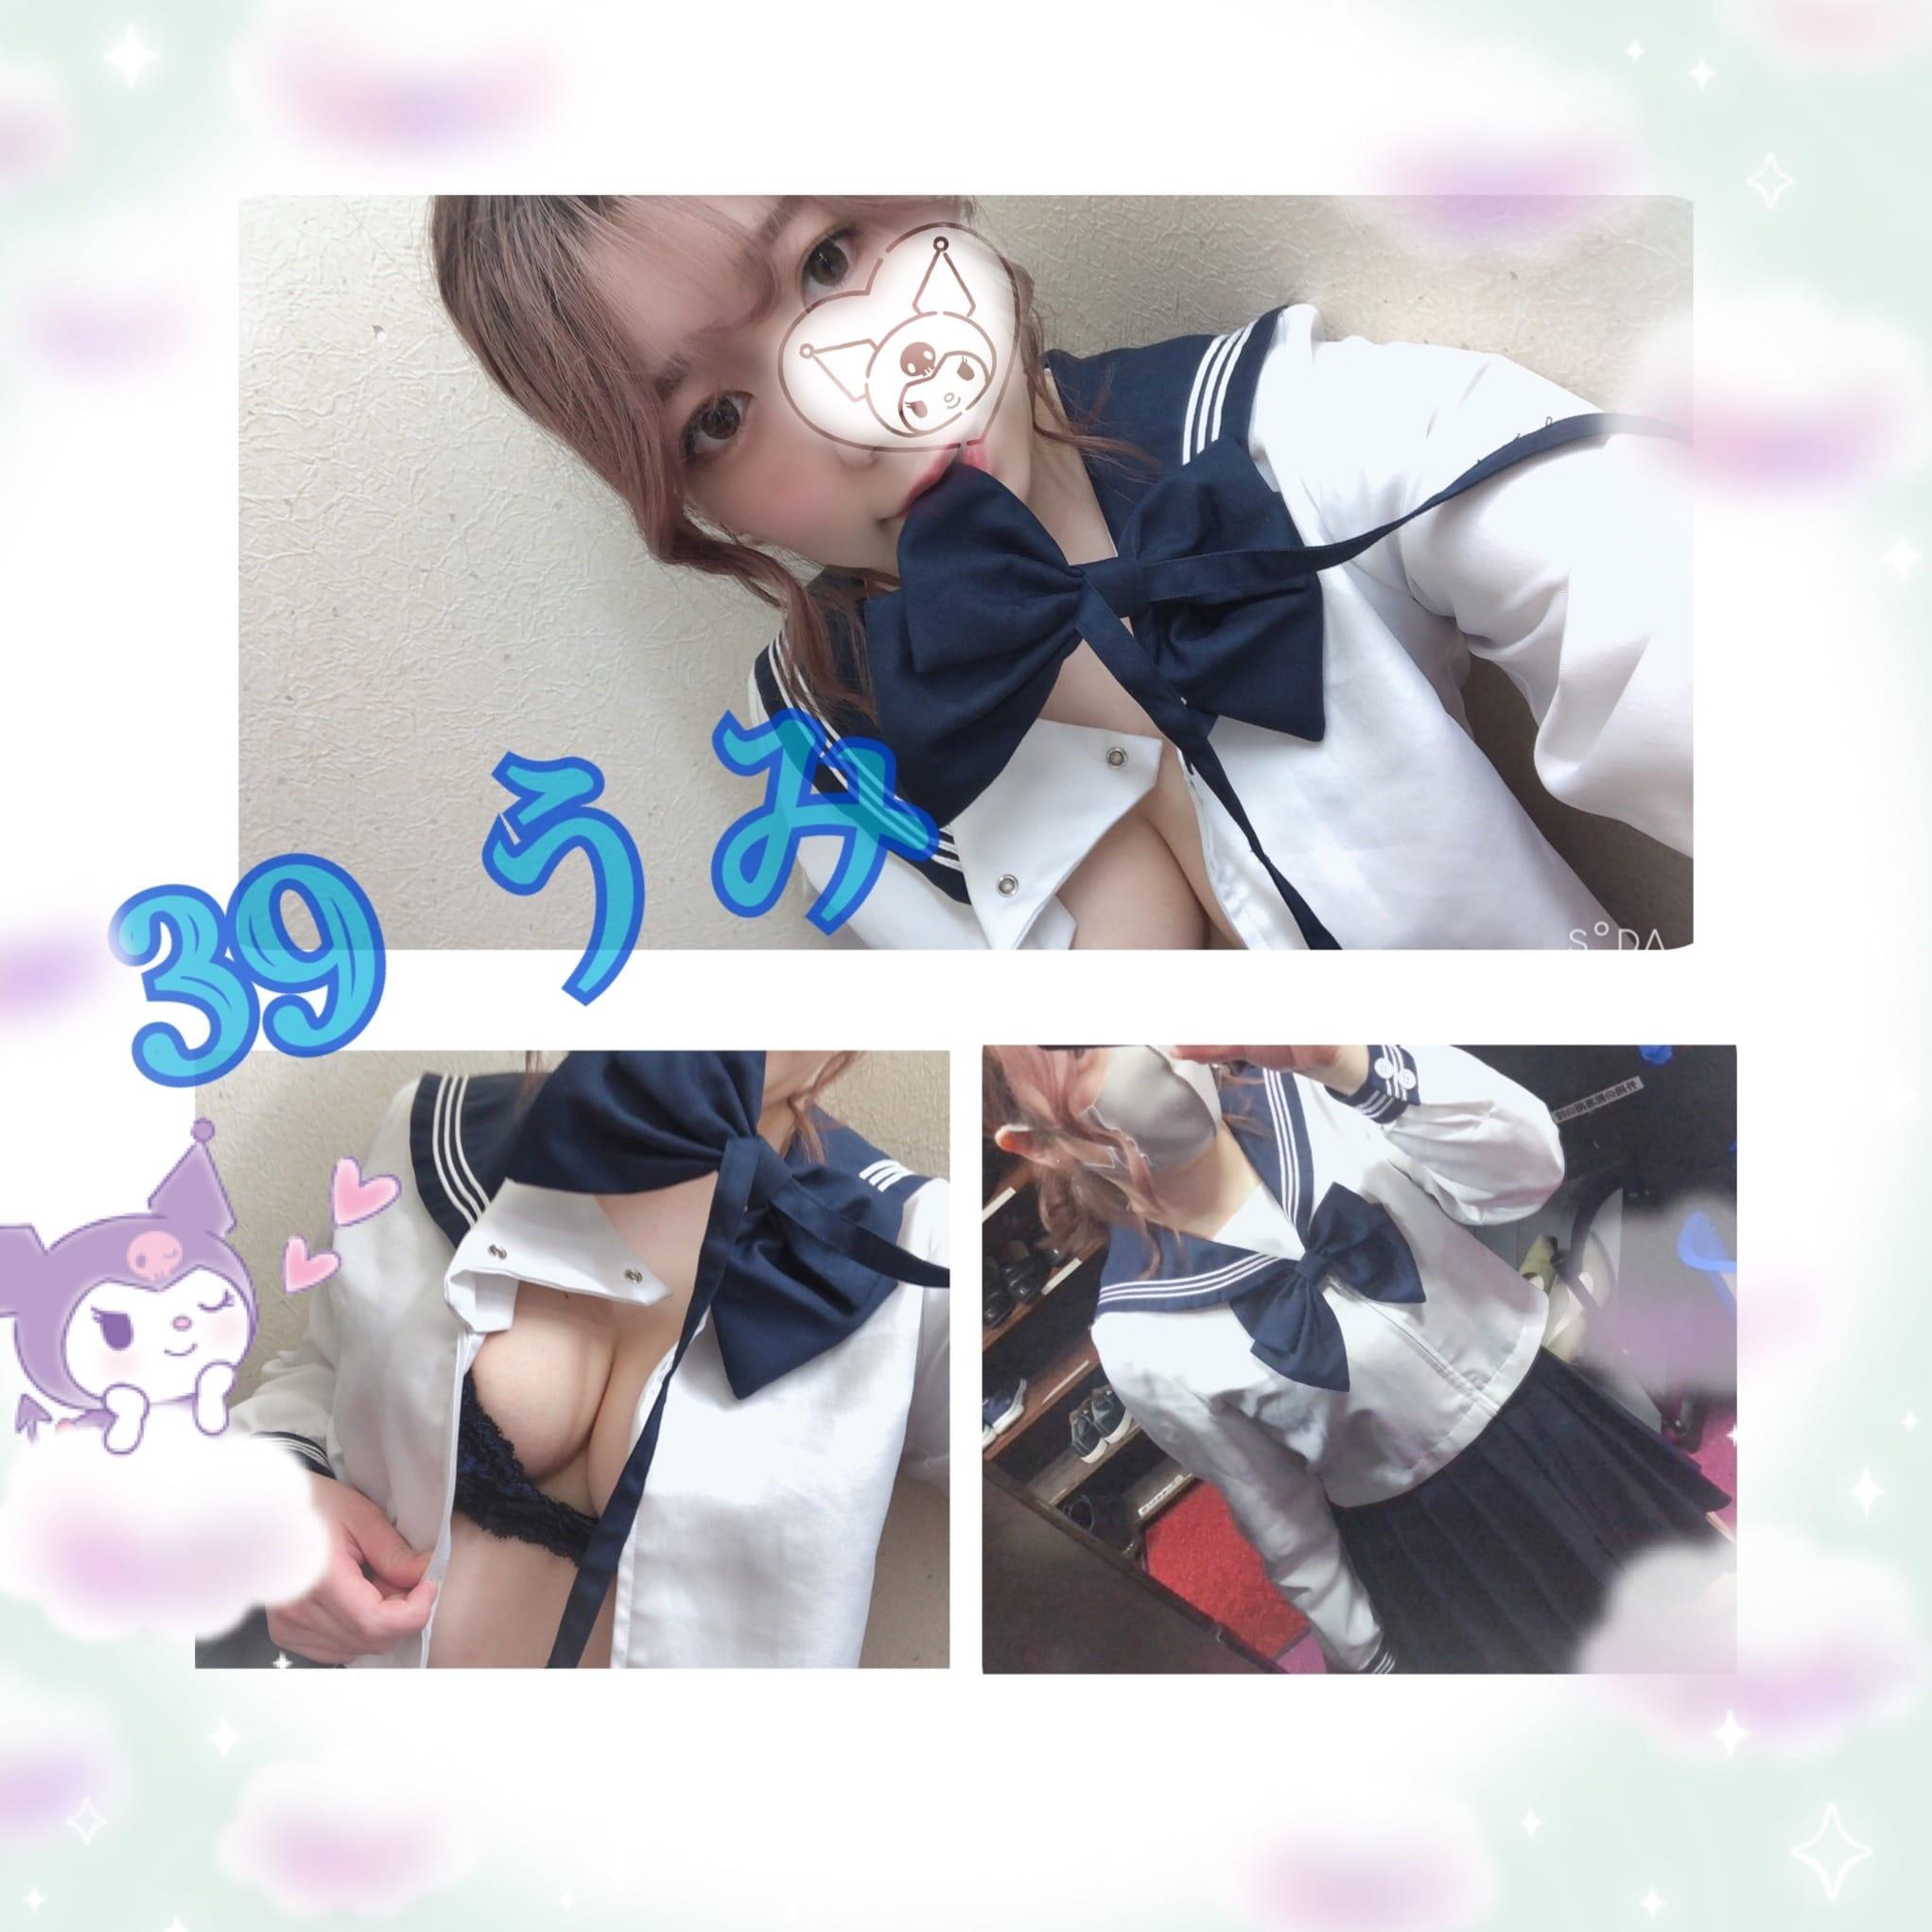 「珍しく」04/11(04/11) 14:33 | うみの写メ・風俗動画